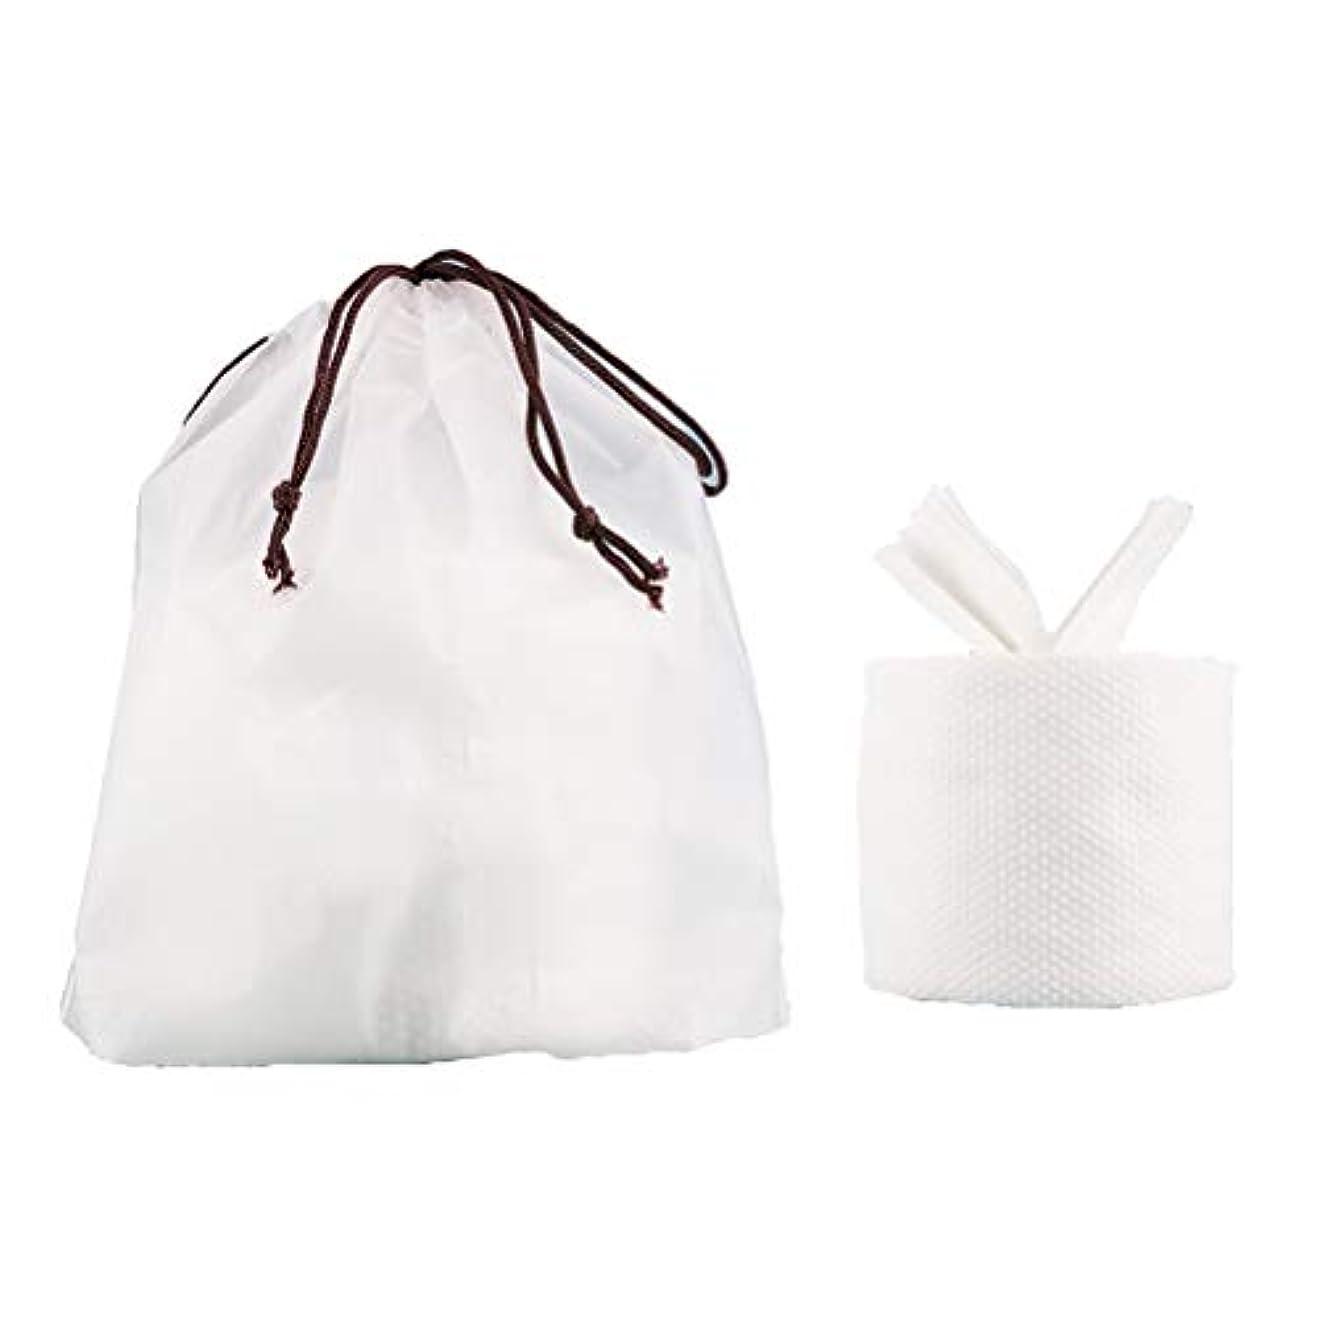 改善温かい好奇心SUPVOX 2ピース使い捨てフェイシャルタオル50枚旅行用化粧落とし用綿ティッシュ